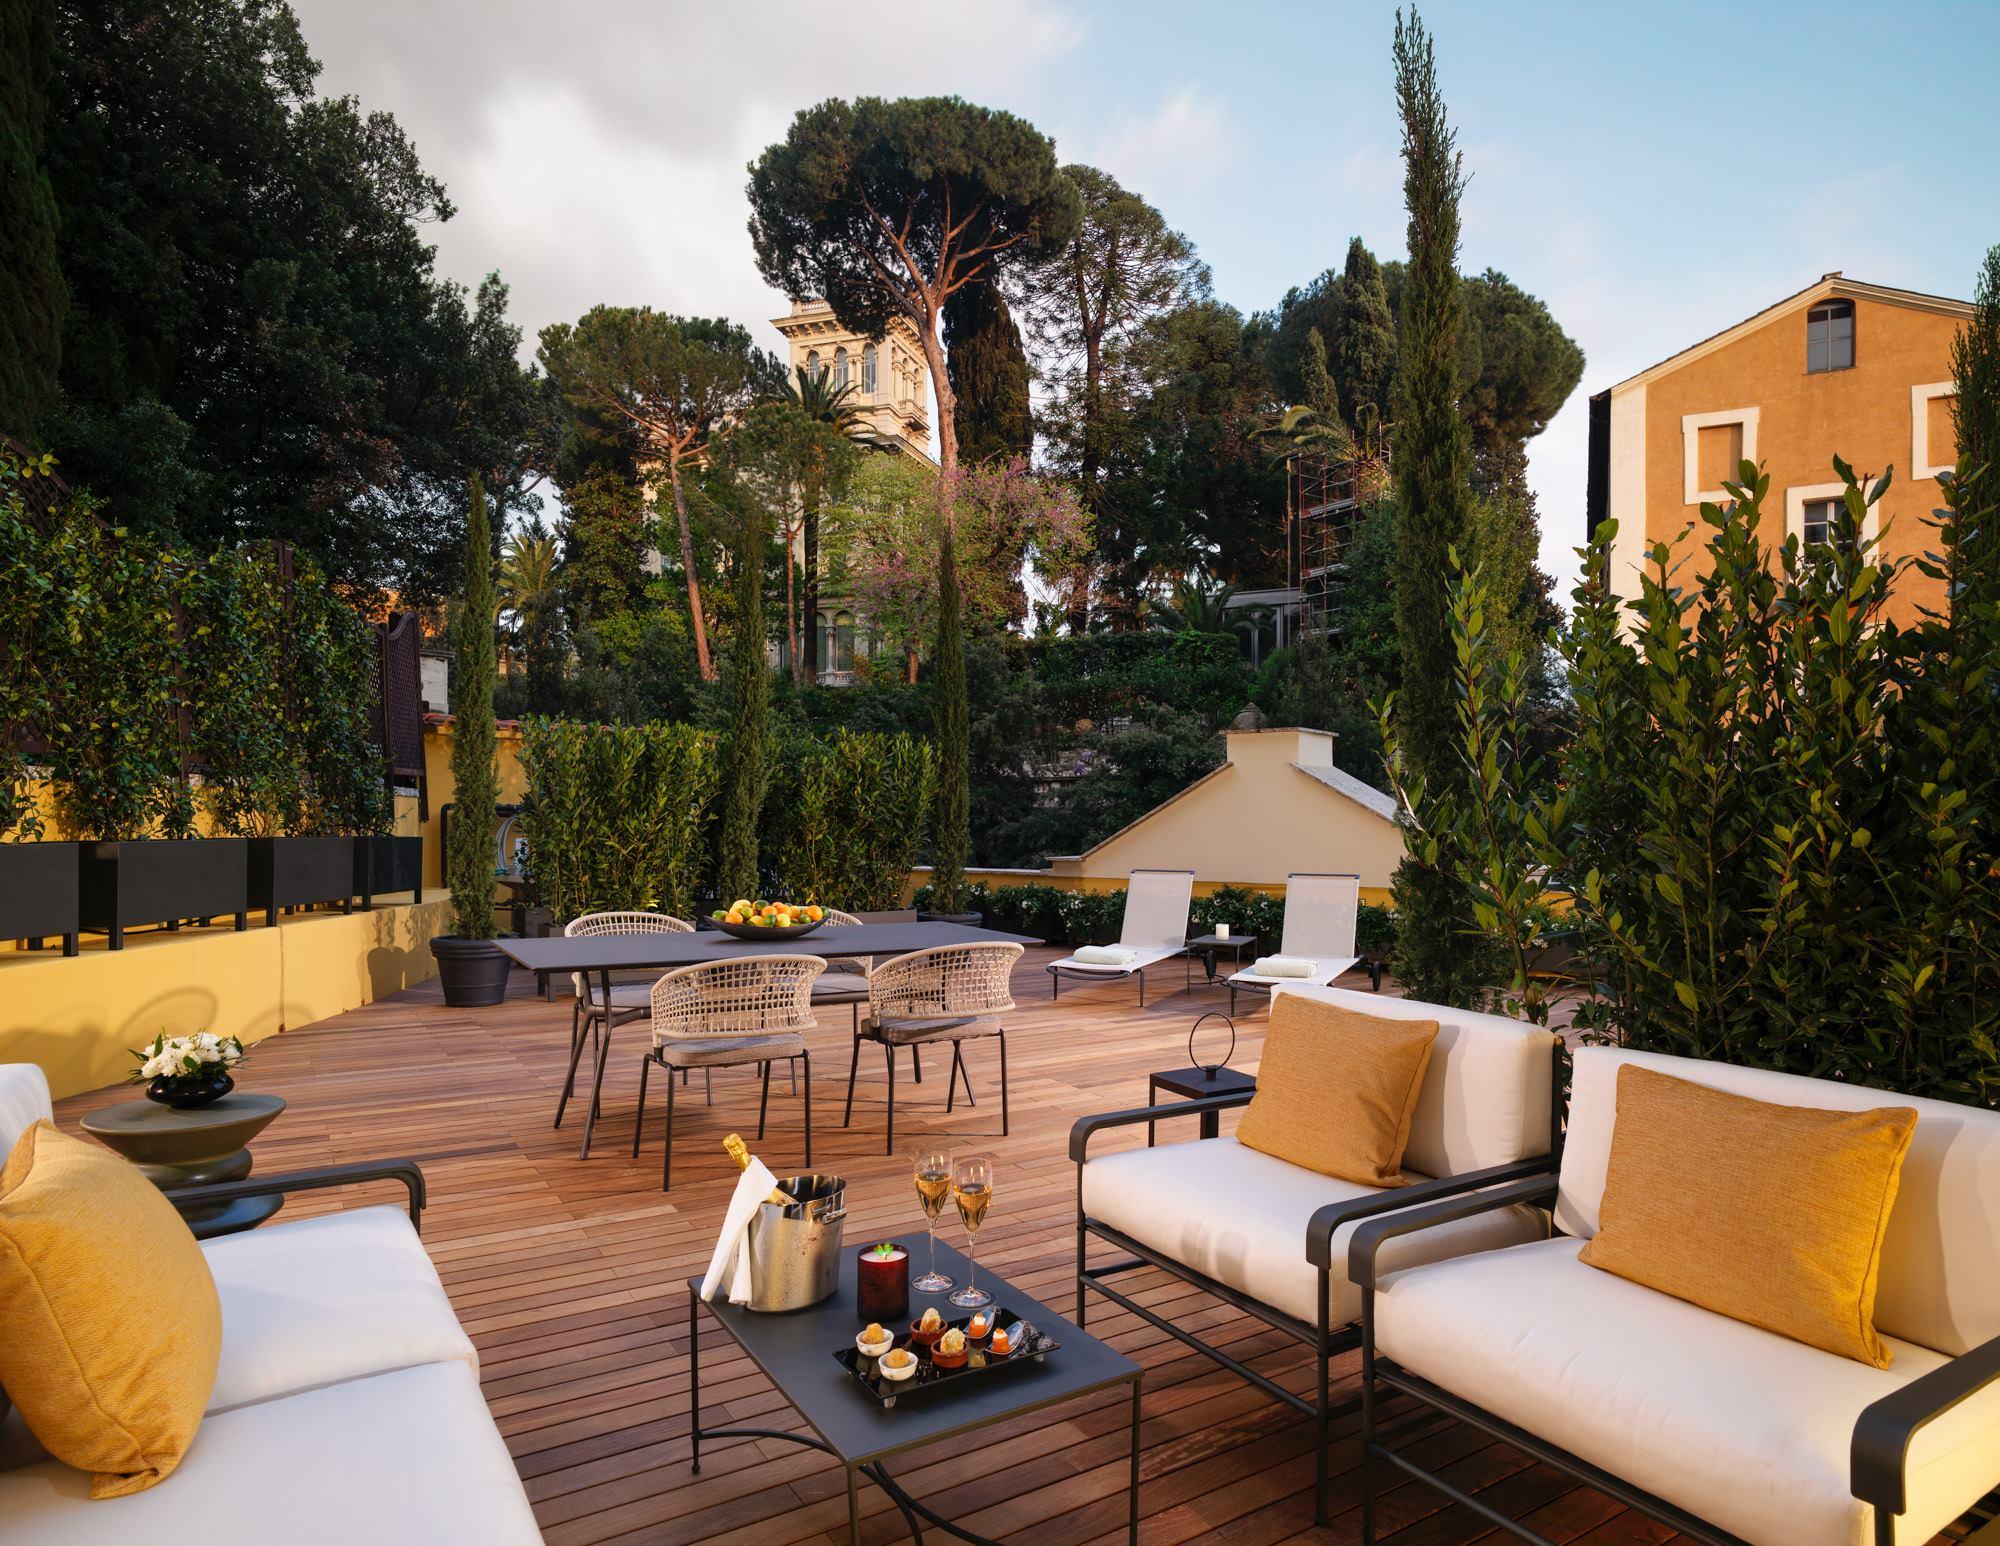 Hotel Eden Roma, luna de miel en Roma, los mejores hoteles para luna de miel en Roma - Wedding Hub - 08